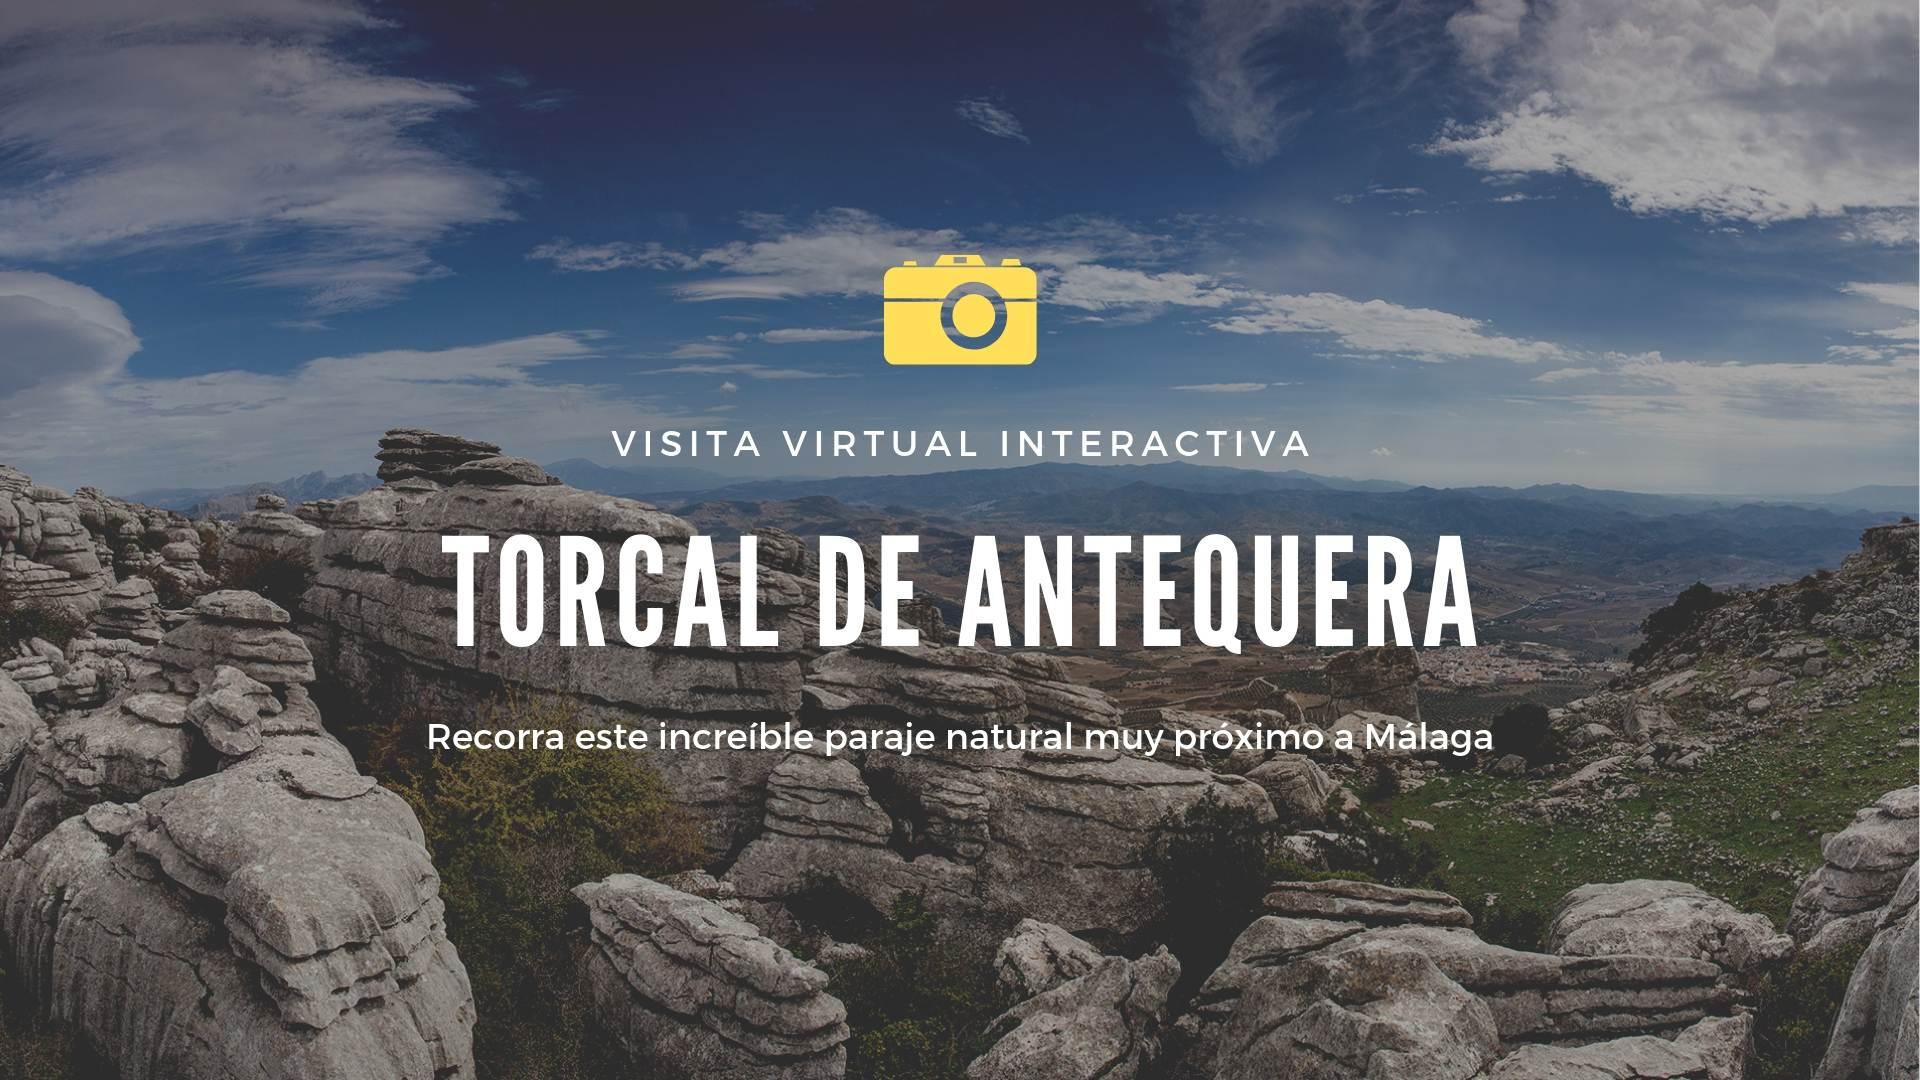 Visita Virtual de el Torcal de Antequera